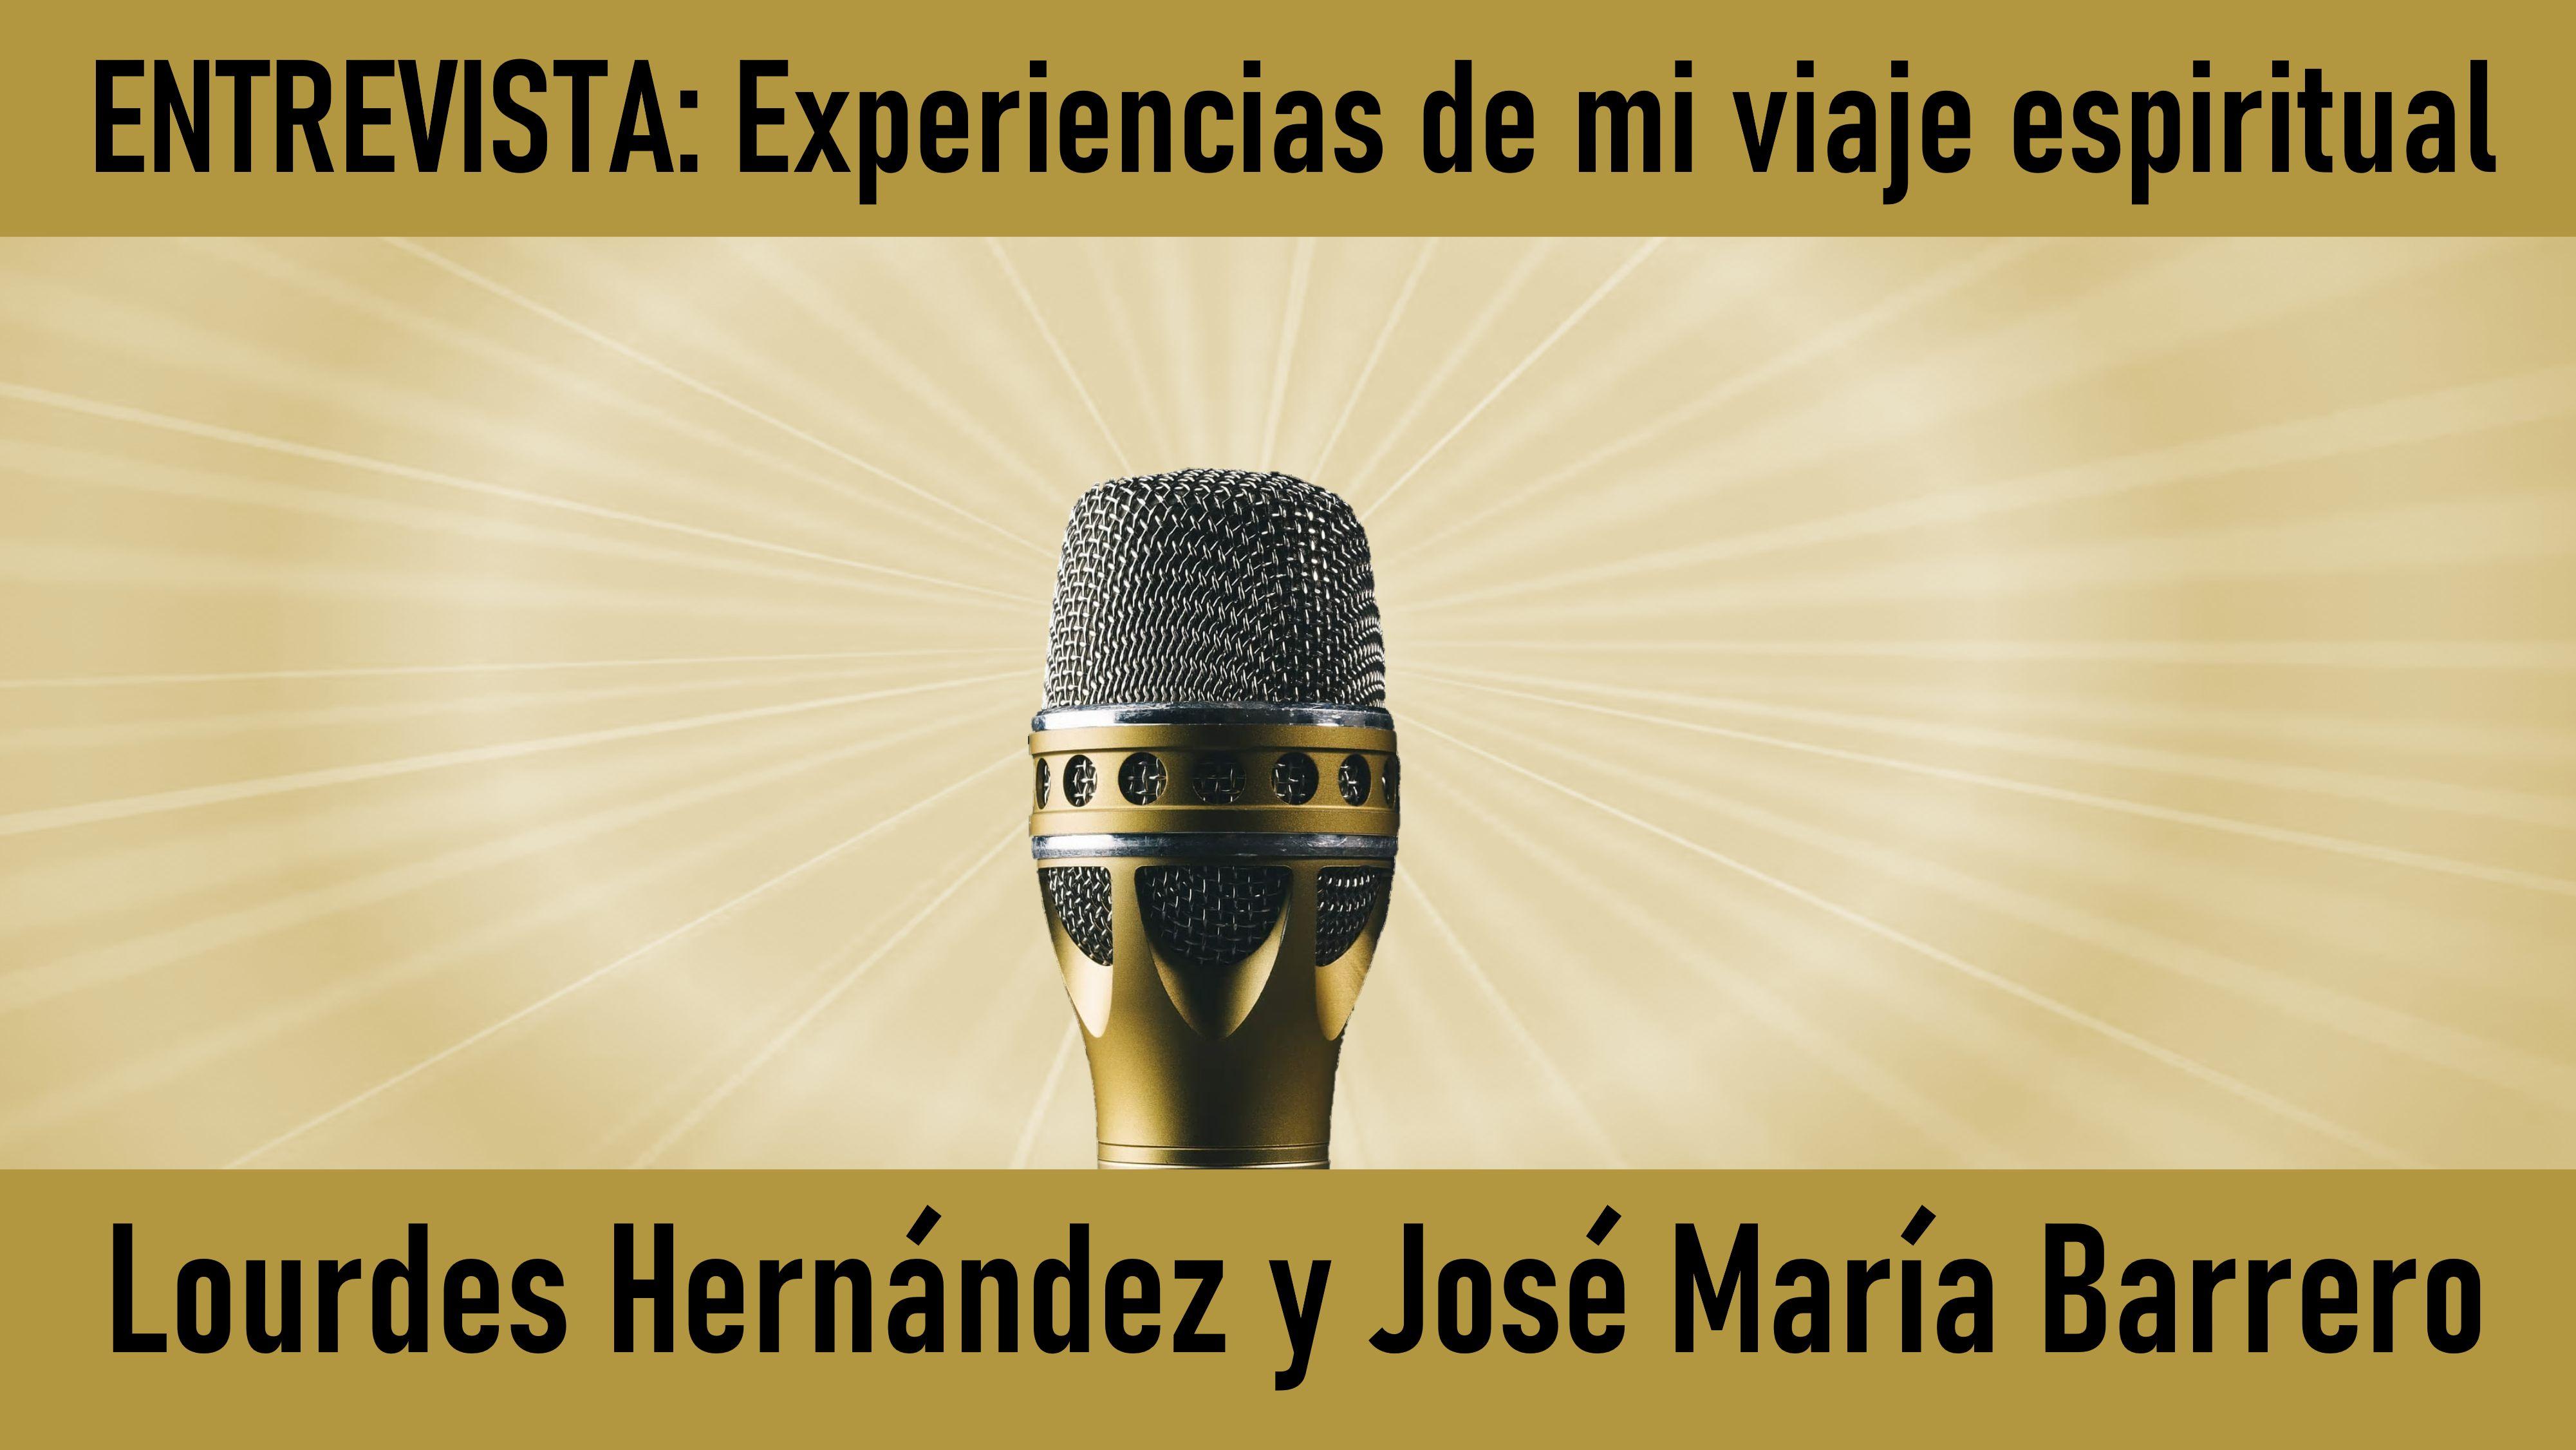 3 Julio 2020 ENTREVISTA de Marta Matarín a Lourdes Hernández y José María Barrero